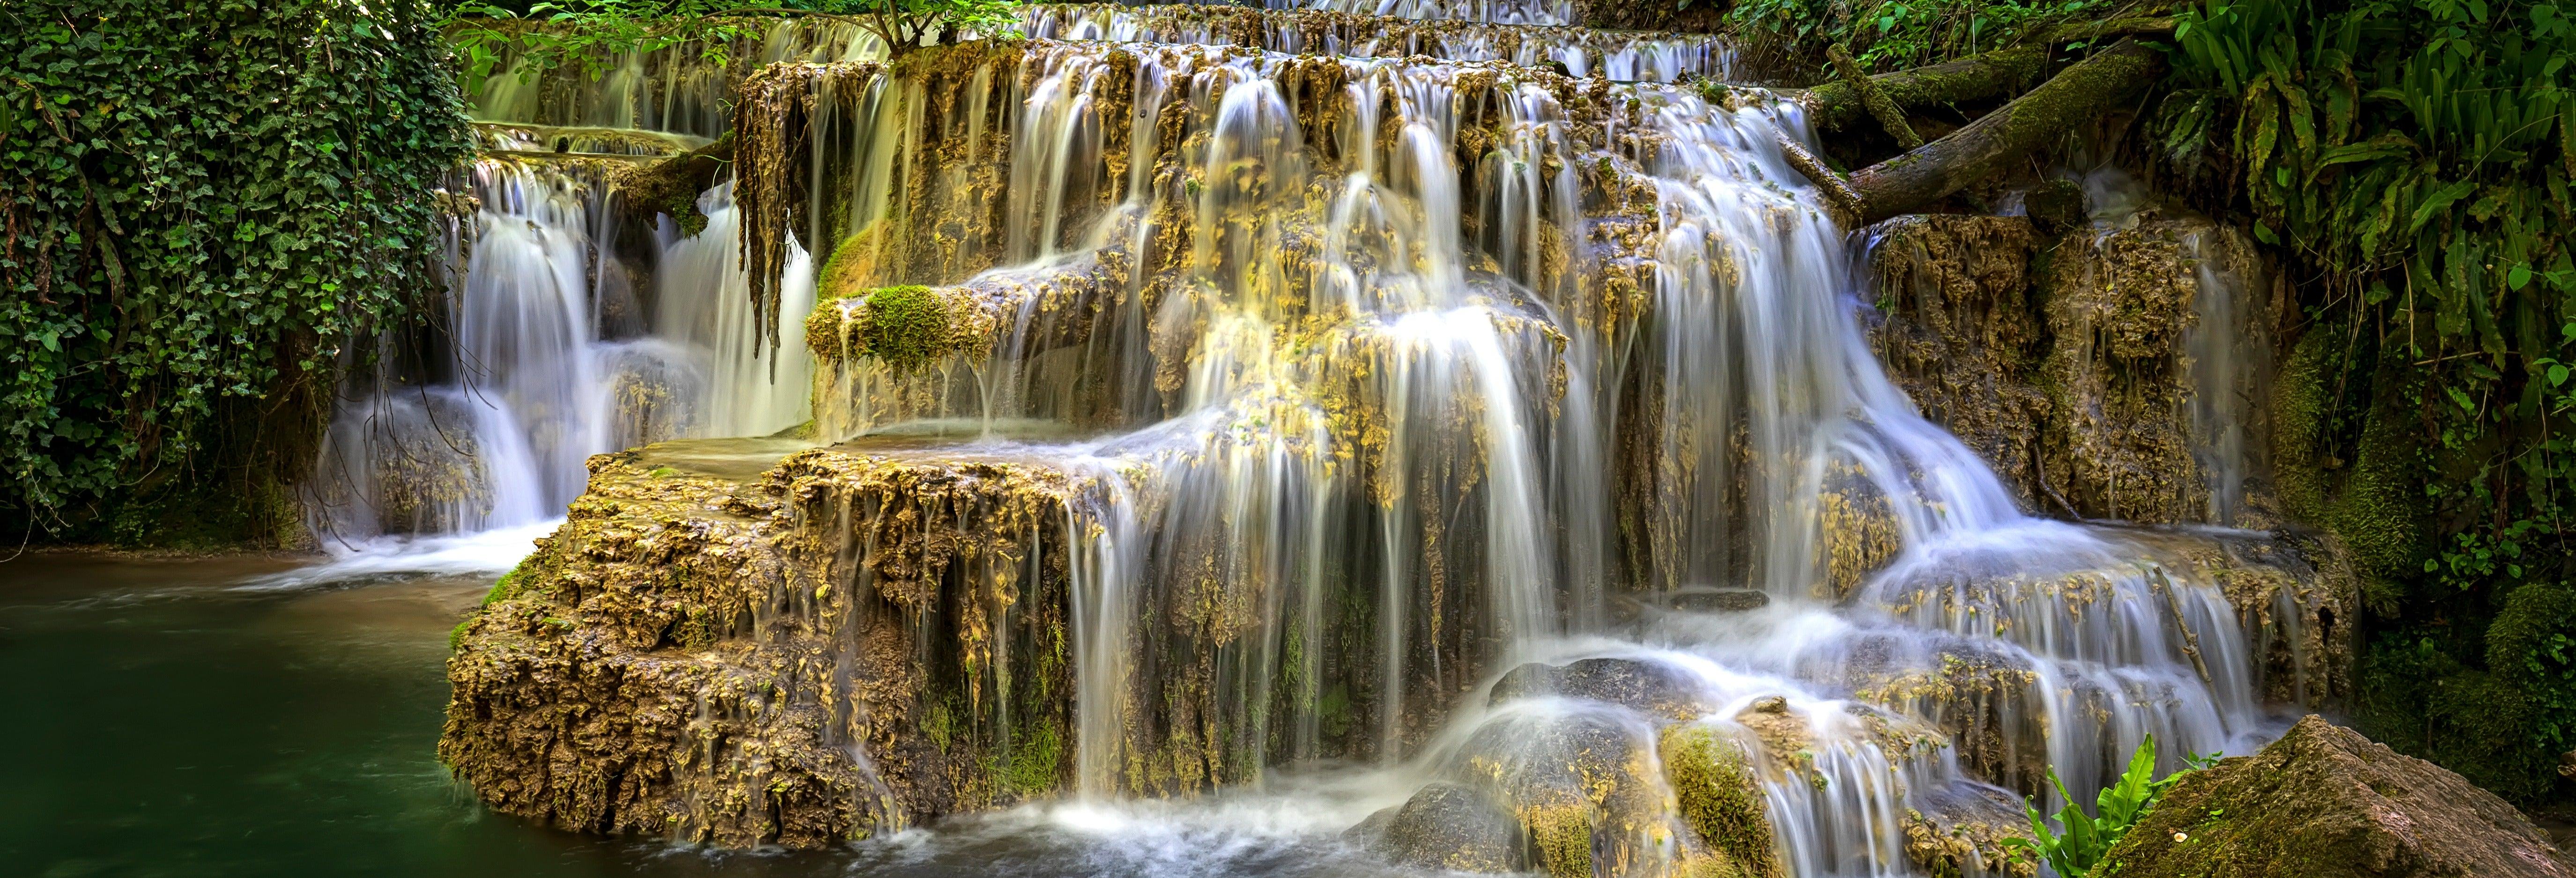 Excursion à Lovetch et aux cascades de Krushunski